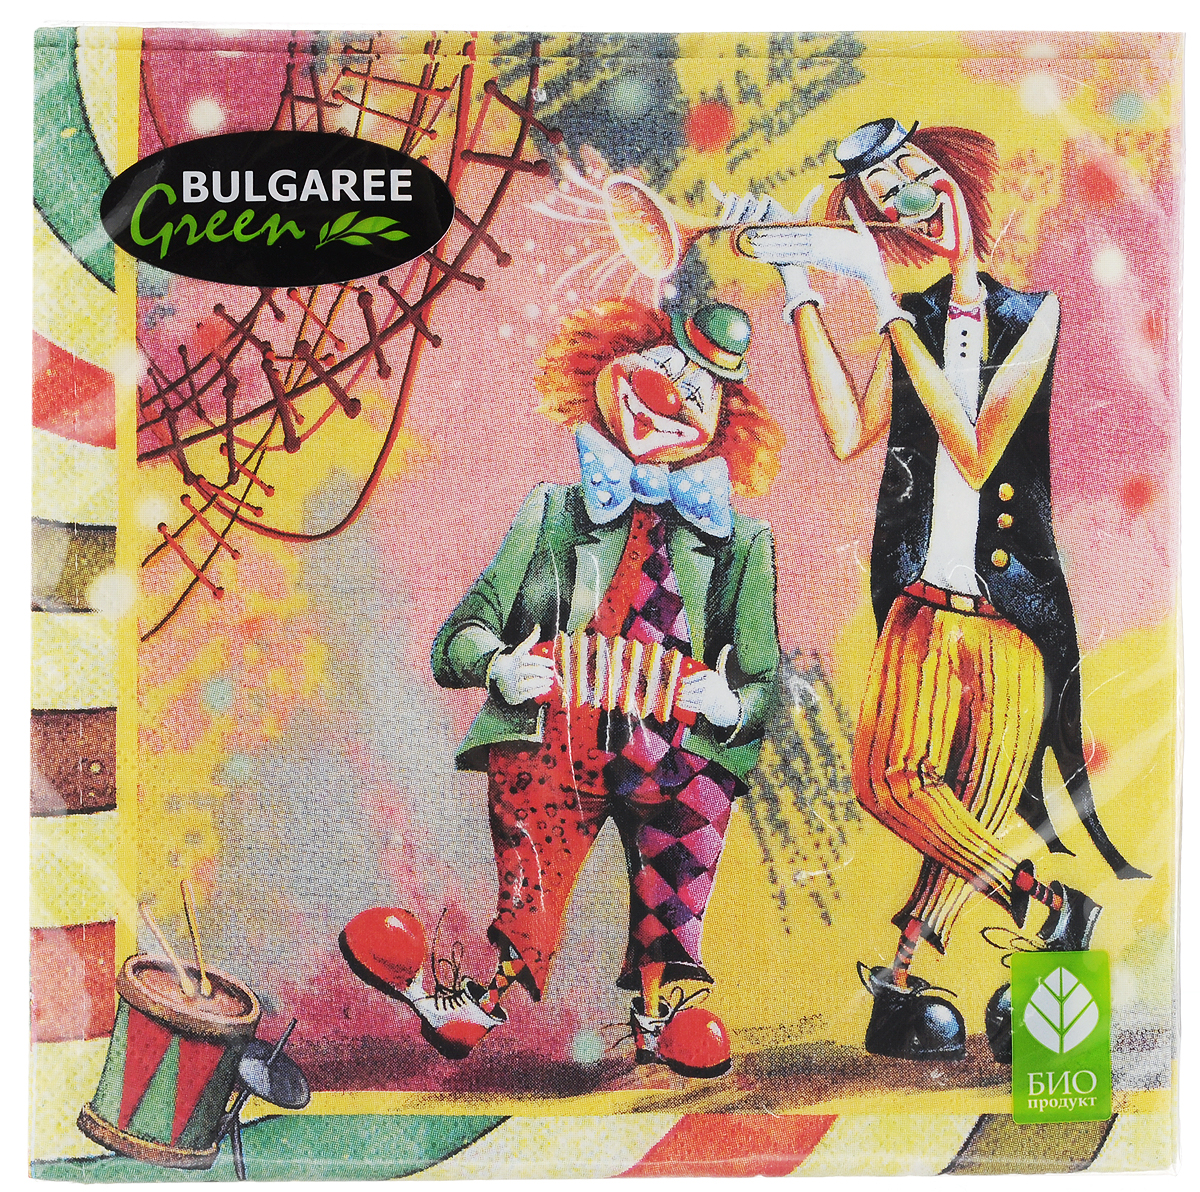 Салфетки бумажные Bulgaree Green Клоун, трехслойные, 33 х 33 см, 20 шт1004065Декоративные трехслойные салфетки Bulgaree Green Клоун выполнены из 100%целлюлозы европейского качества и оформлены ярким рисунком. Изделия станут отличным дополнением любого праздничного стола. Они отличаются необычной мягкостью, прочностью и оригинальностью.Размер салфеток в развернутом виде: 33 х 33 см.